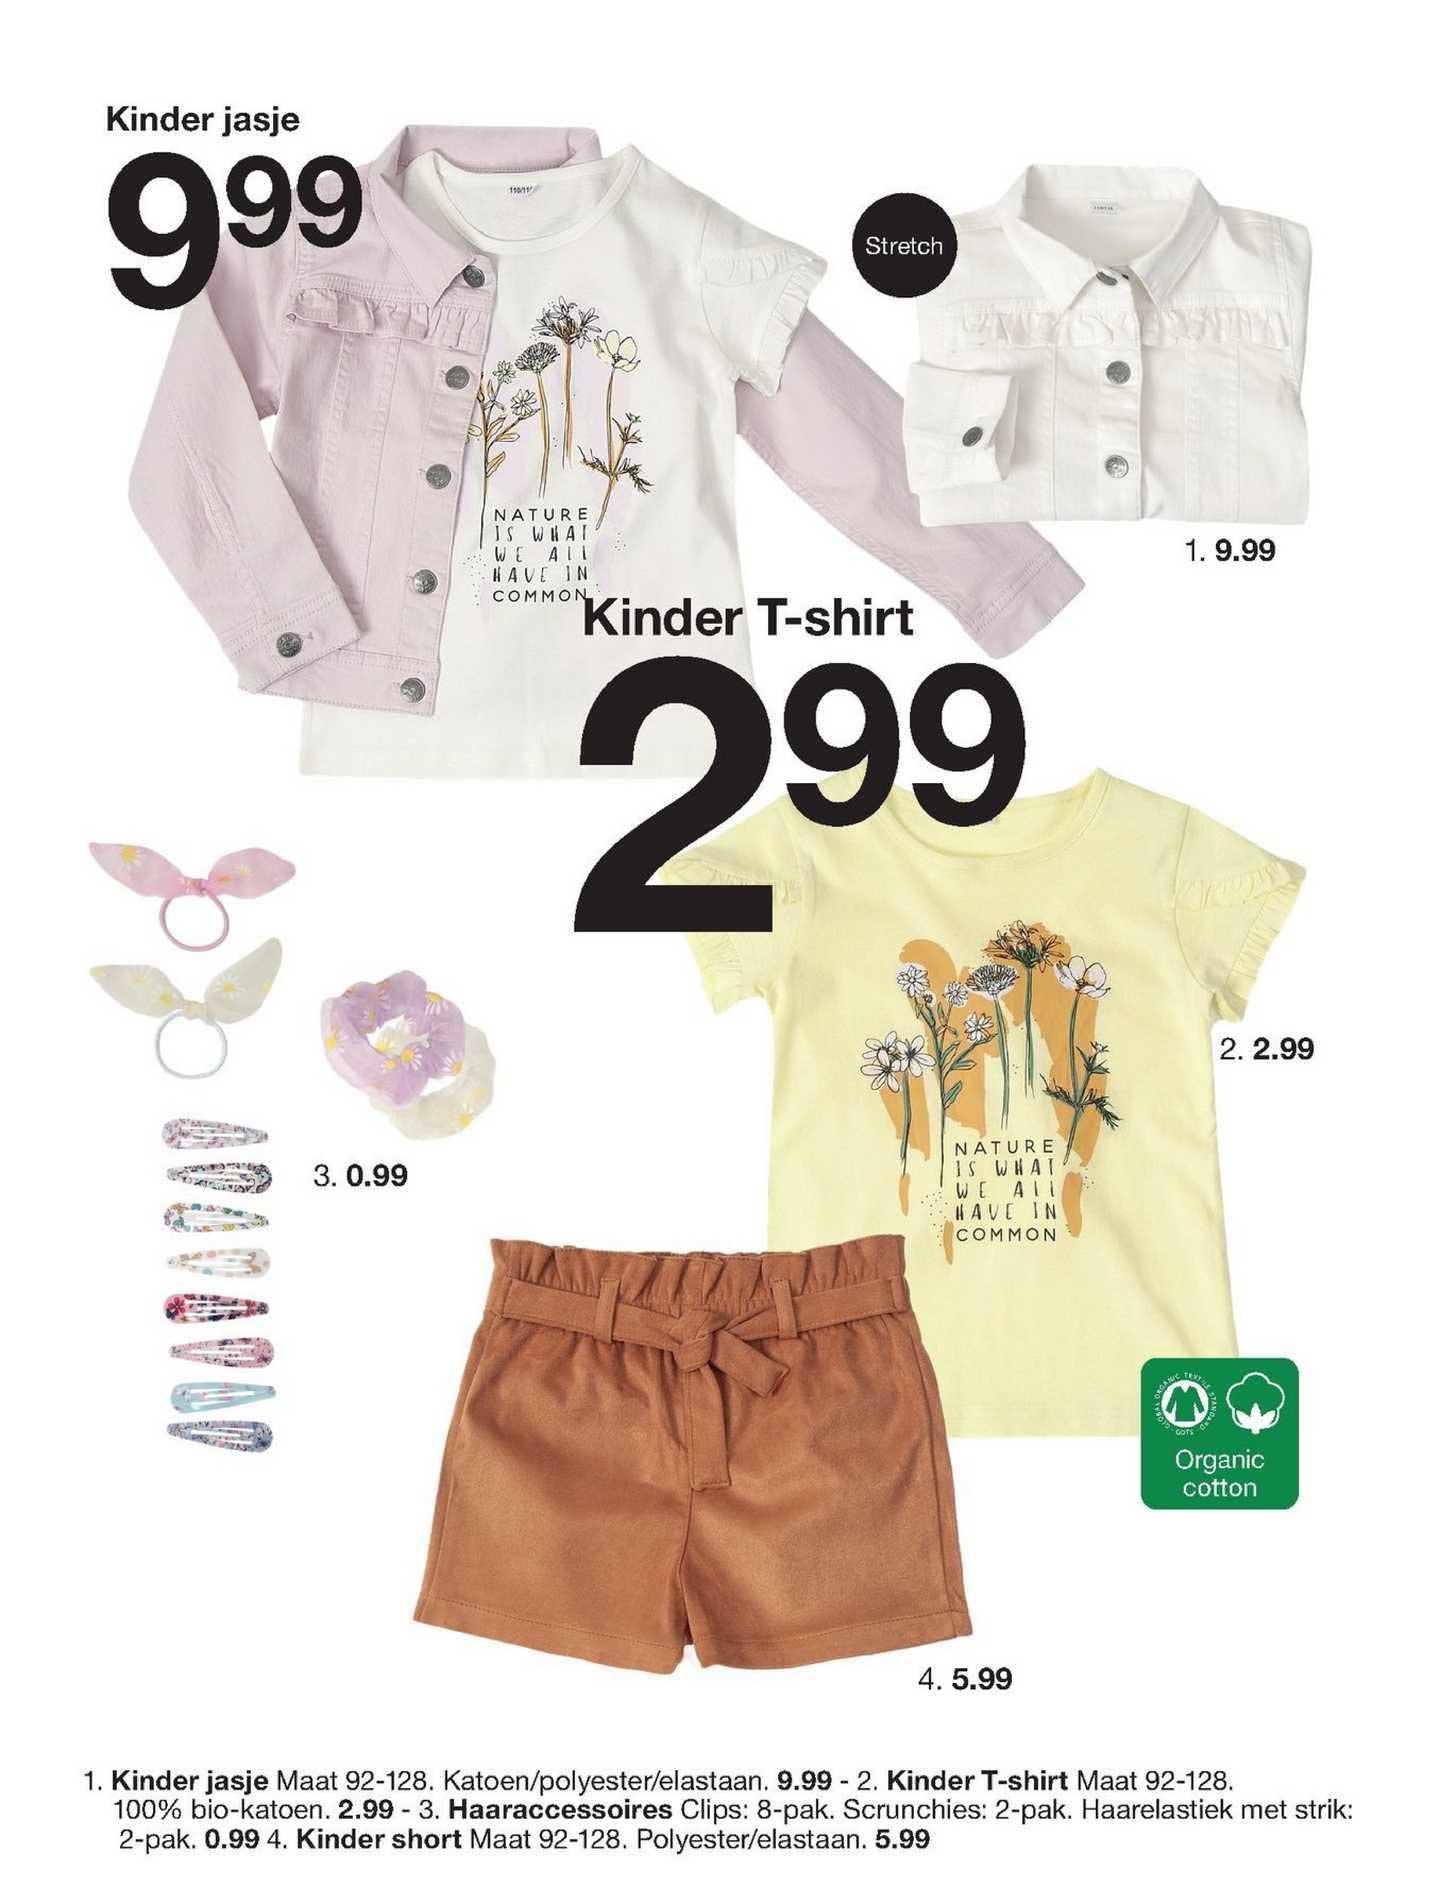 Zeeman Kinder Jasje, Kinder T-Shirt, Haaraccessoires Clips, Scrunchies, Haarelastiek Of Kinder Short